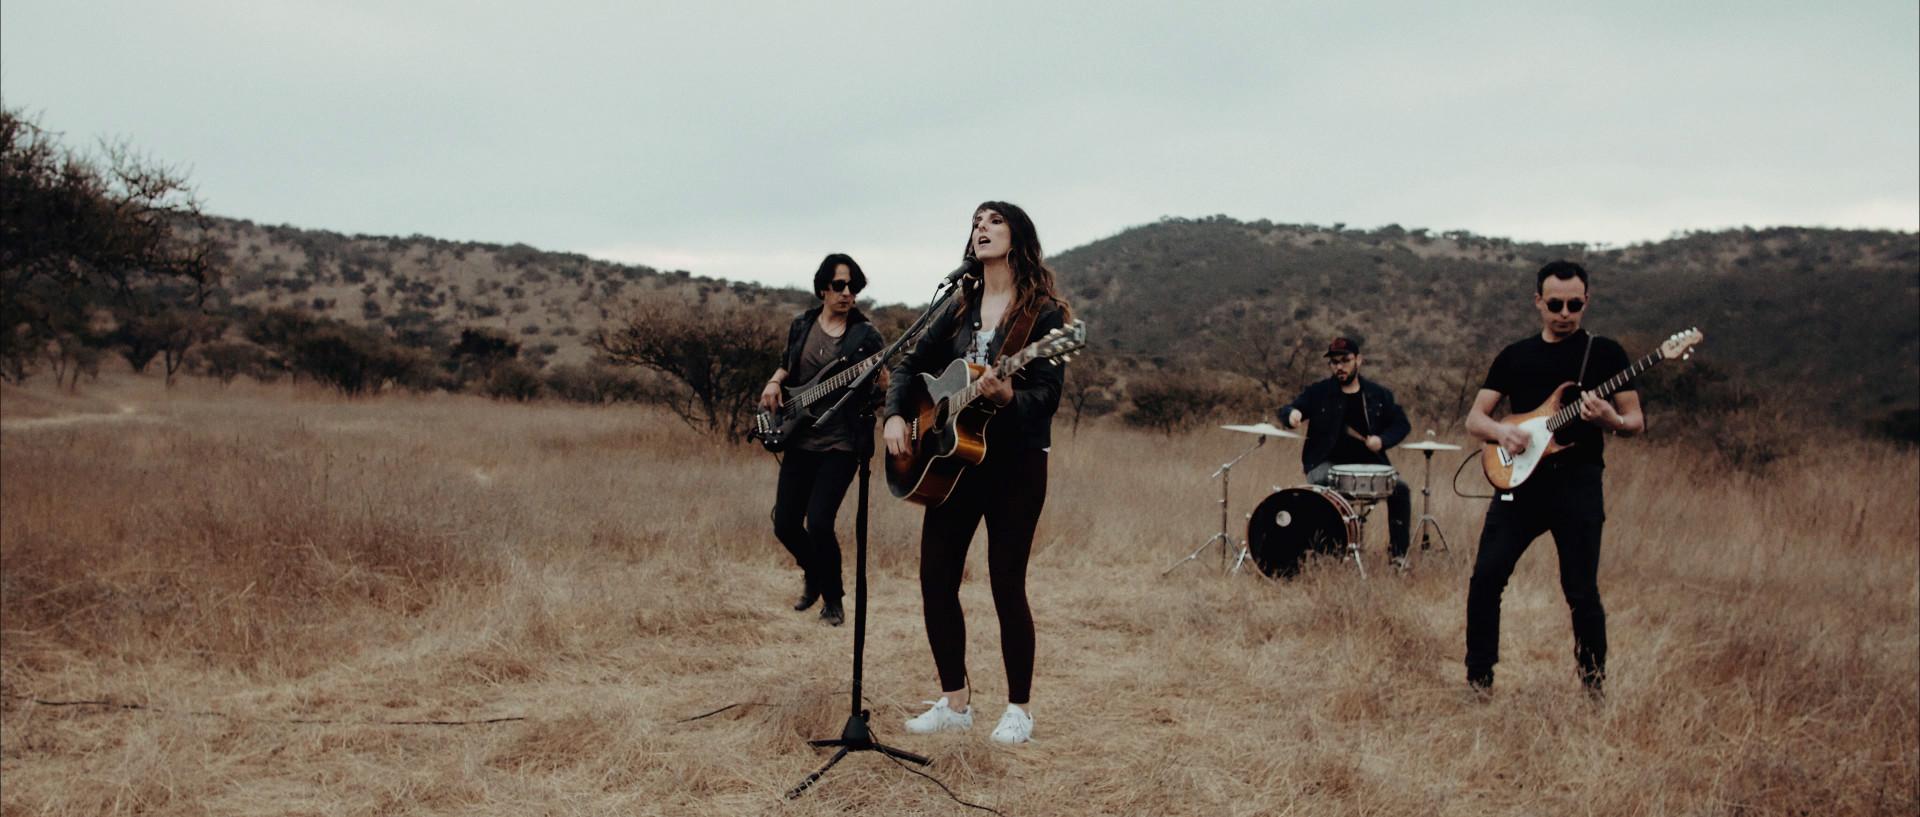 Daniela Amaya - A mi futuro - Videoclip dirigido y realizado por HolyMonkey - Productora Audiovisual - Santiago de Chile